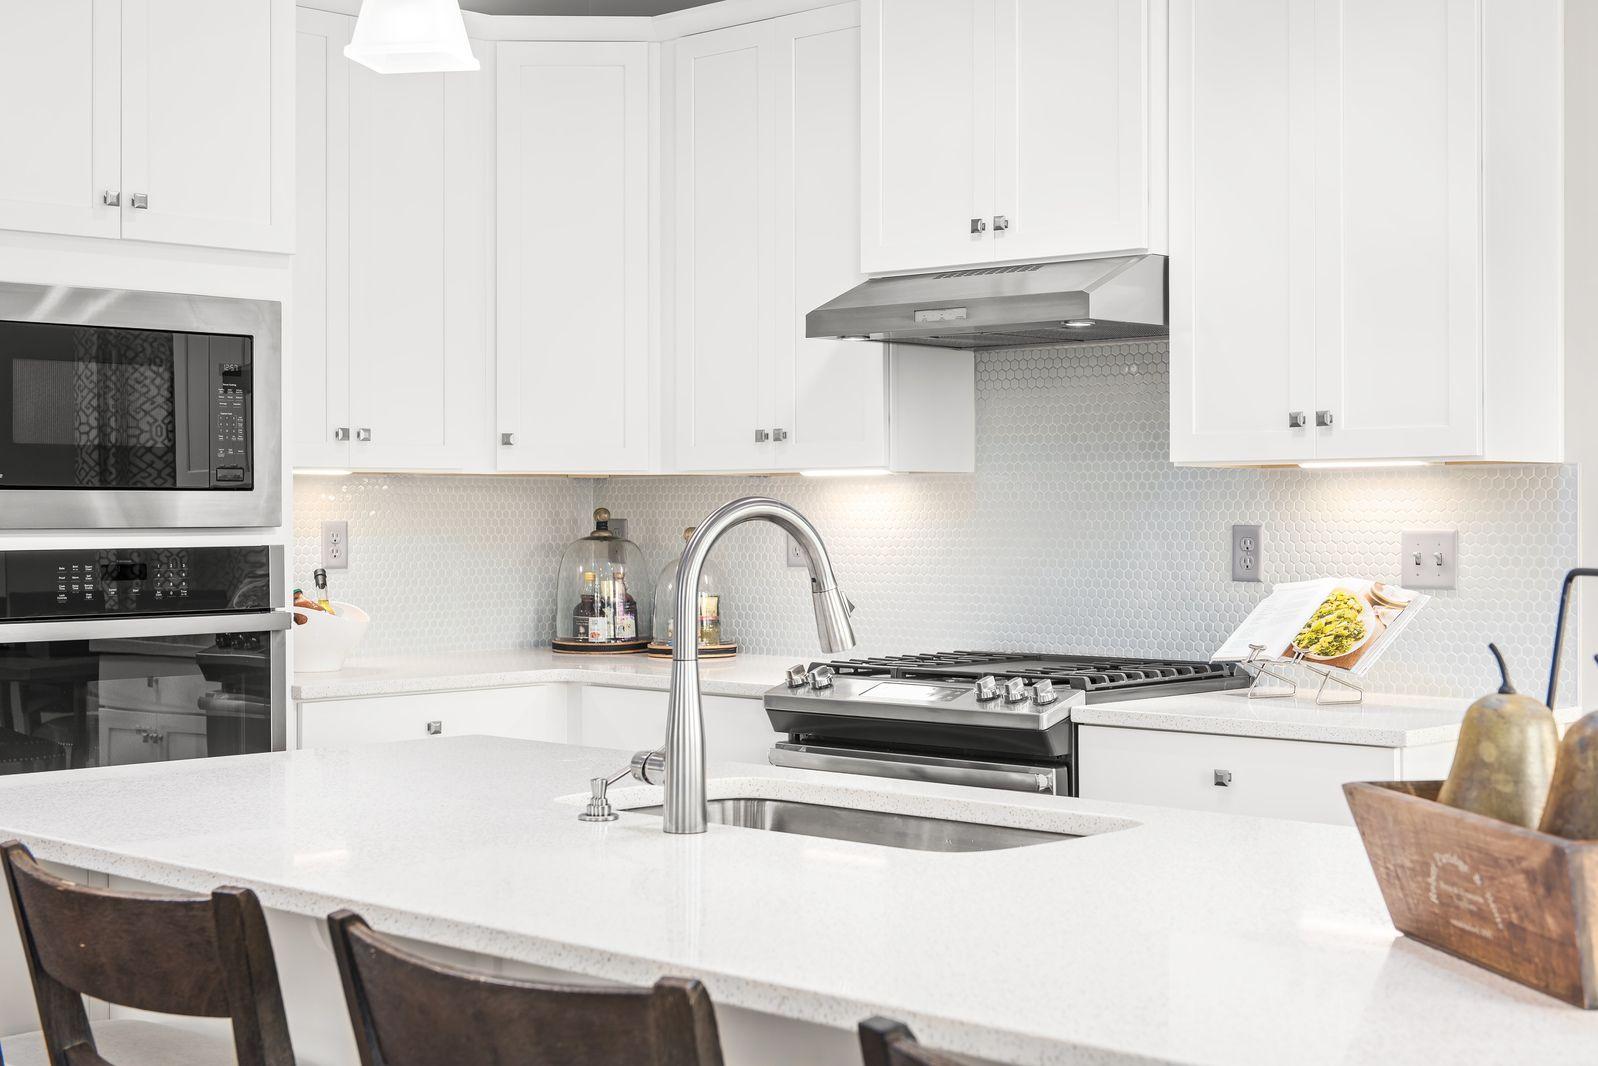 Kitchen featured in the Roanoke By Ryan Homes in Philadelphia, NJ